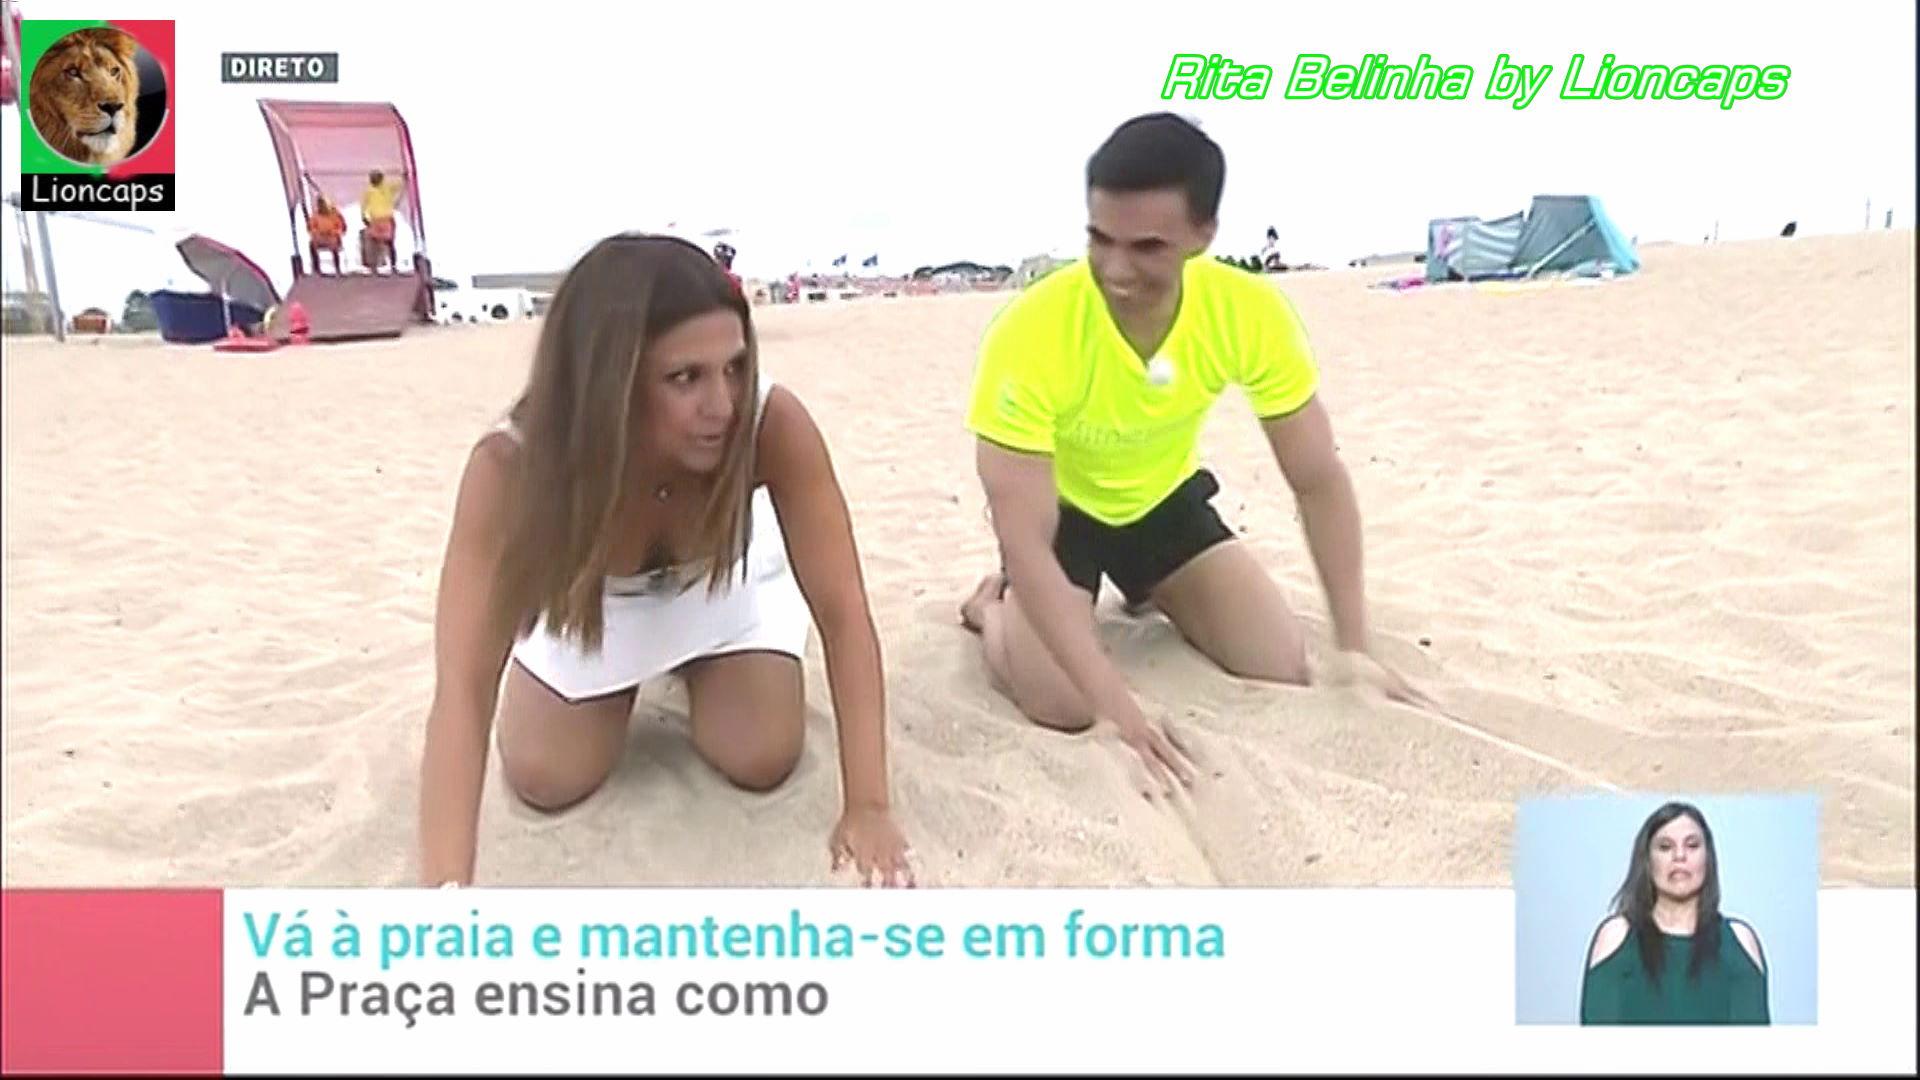 823357497_rita_belinha_vs181002_0215_122_548lo.JPG